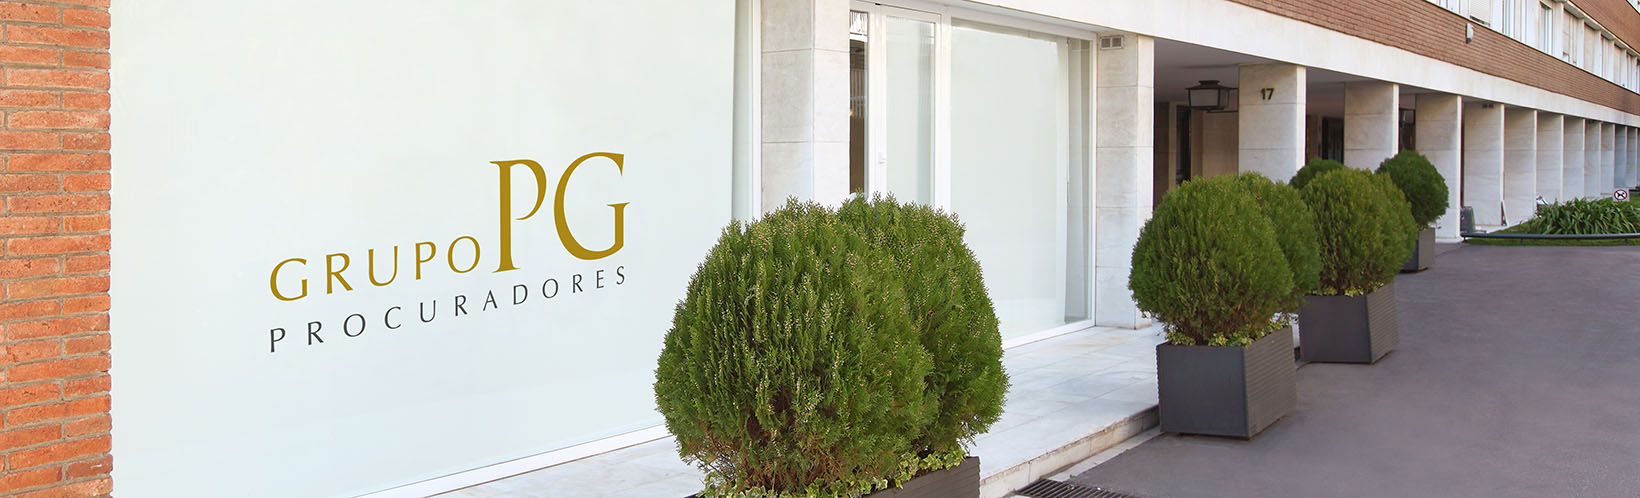 Vista del exterior del despacho de procuradores del Grupo PG procuradores